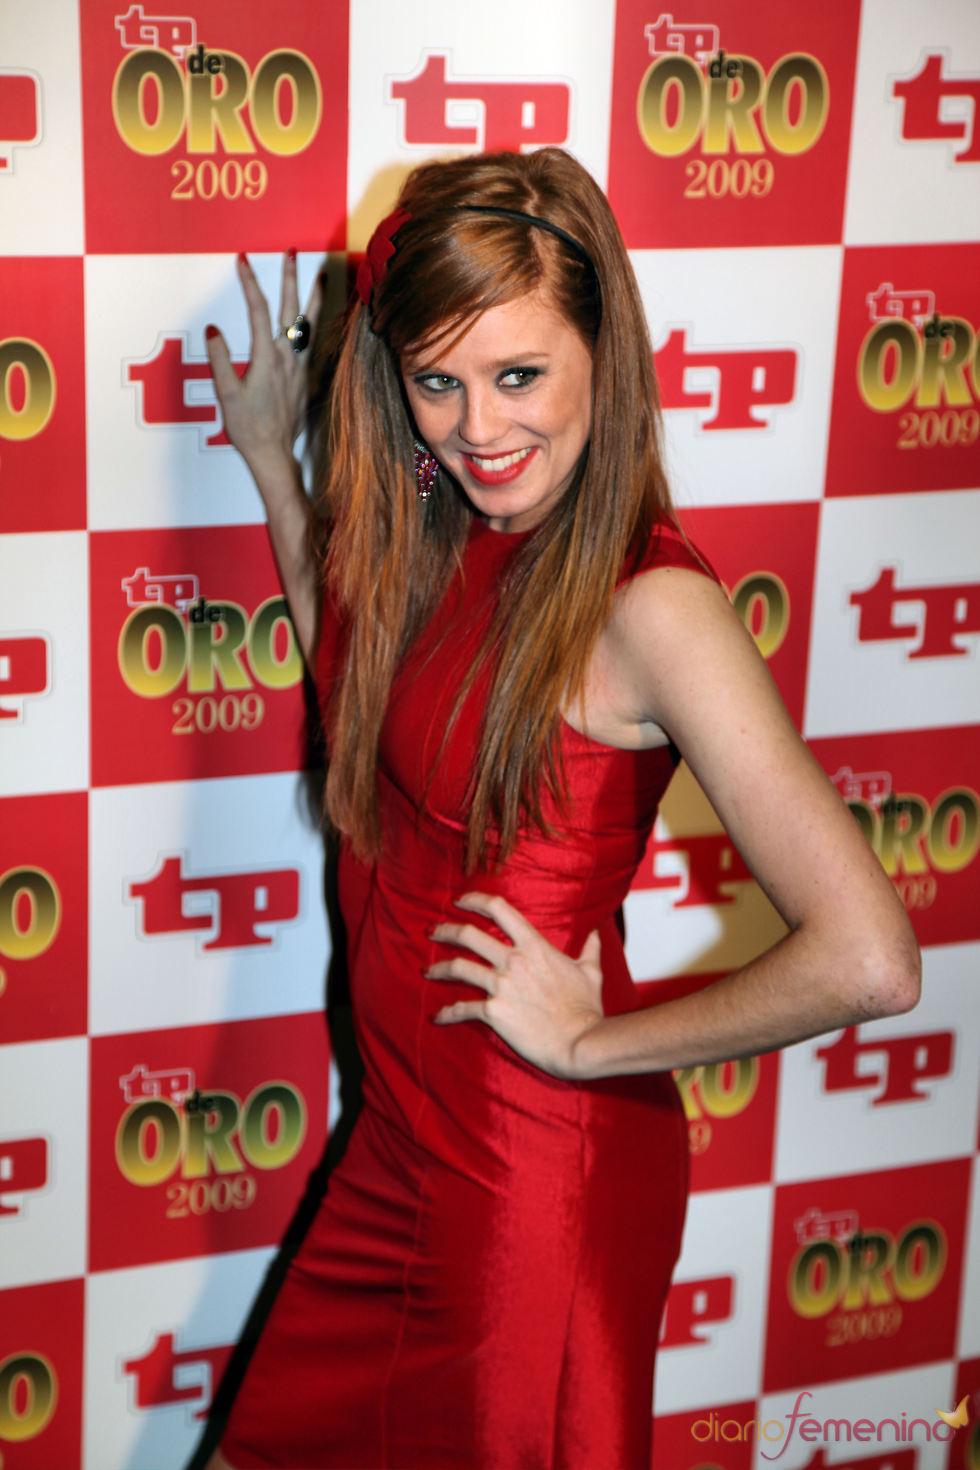 Maria Castro, espectacular en los premios TP de Oro